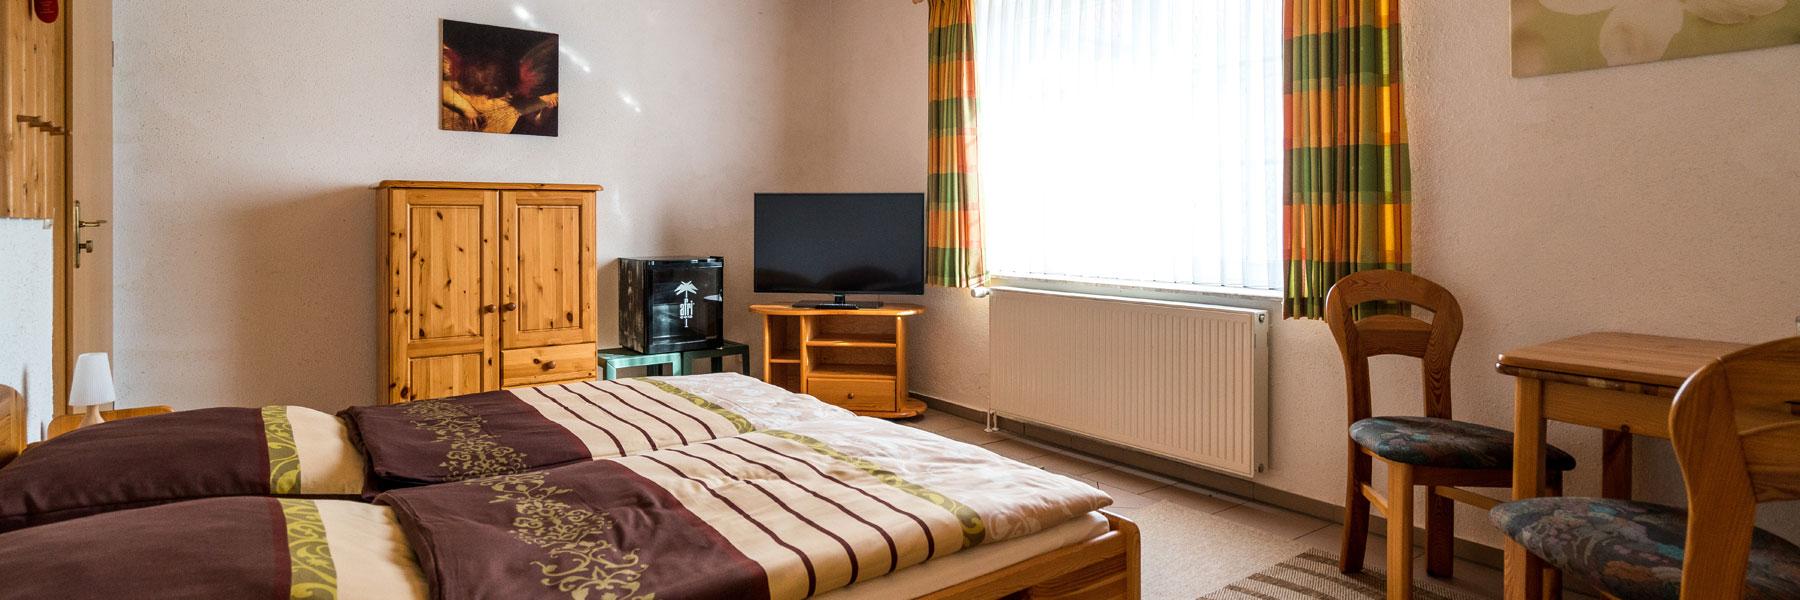 Schlafzimmer - Gasthaus Zur Schleuse